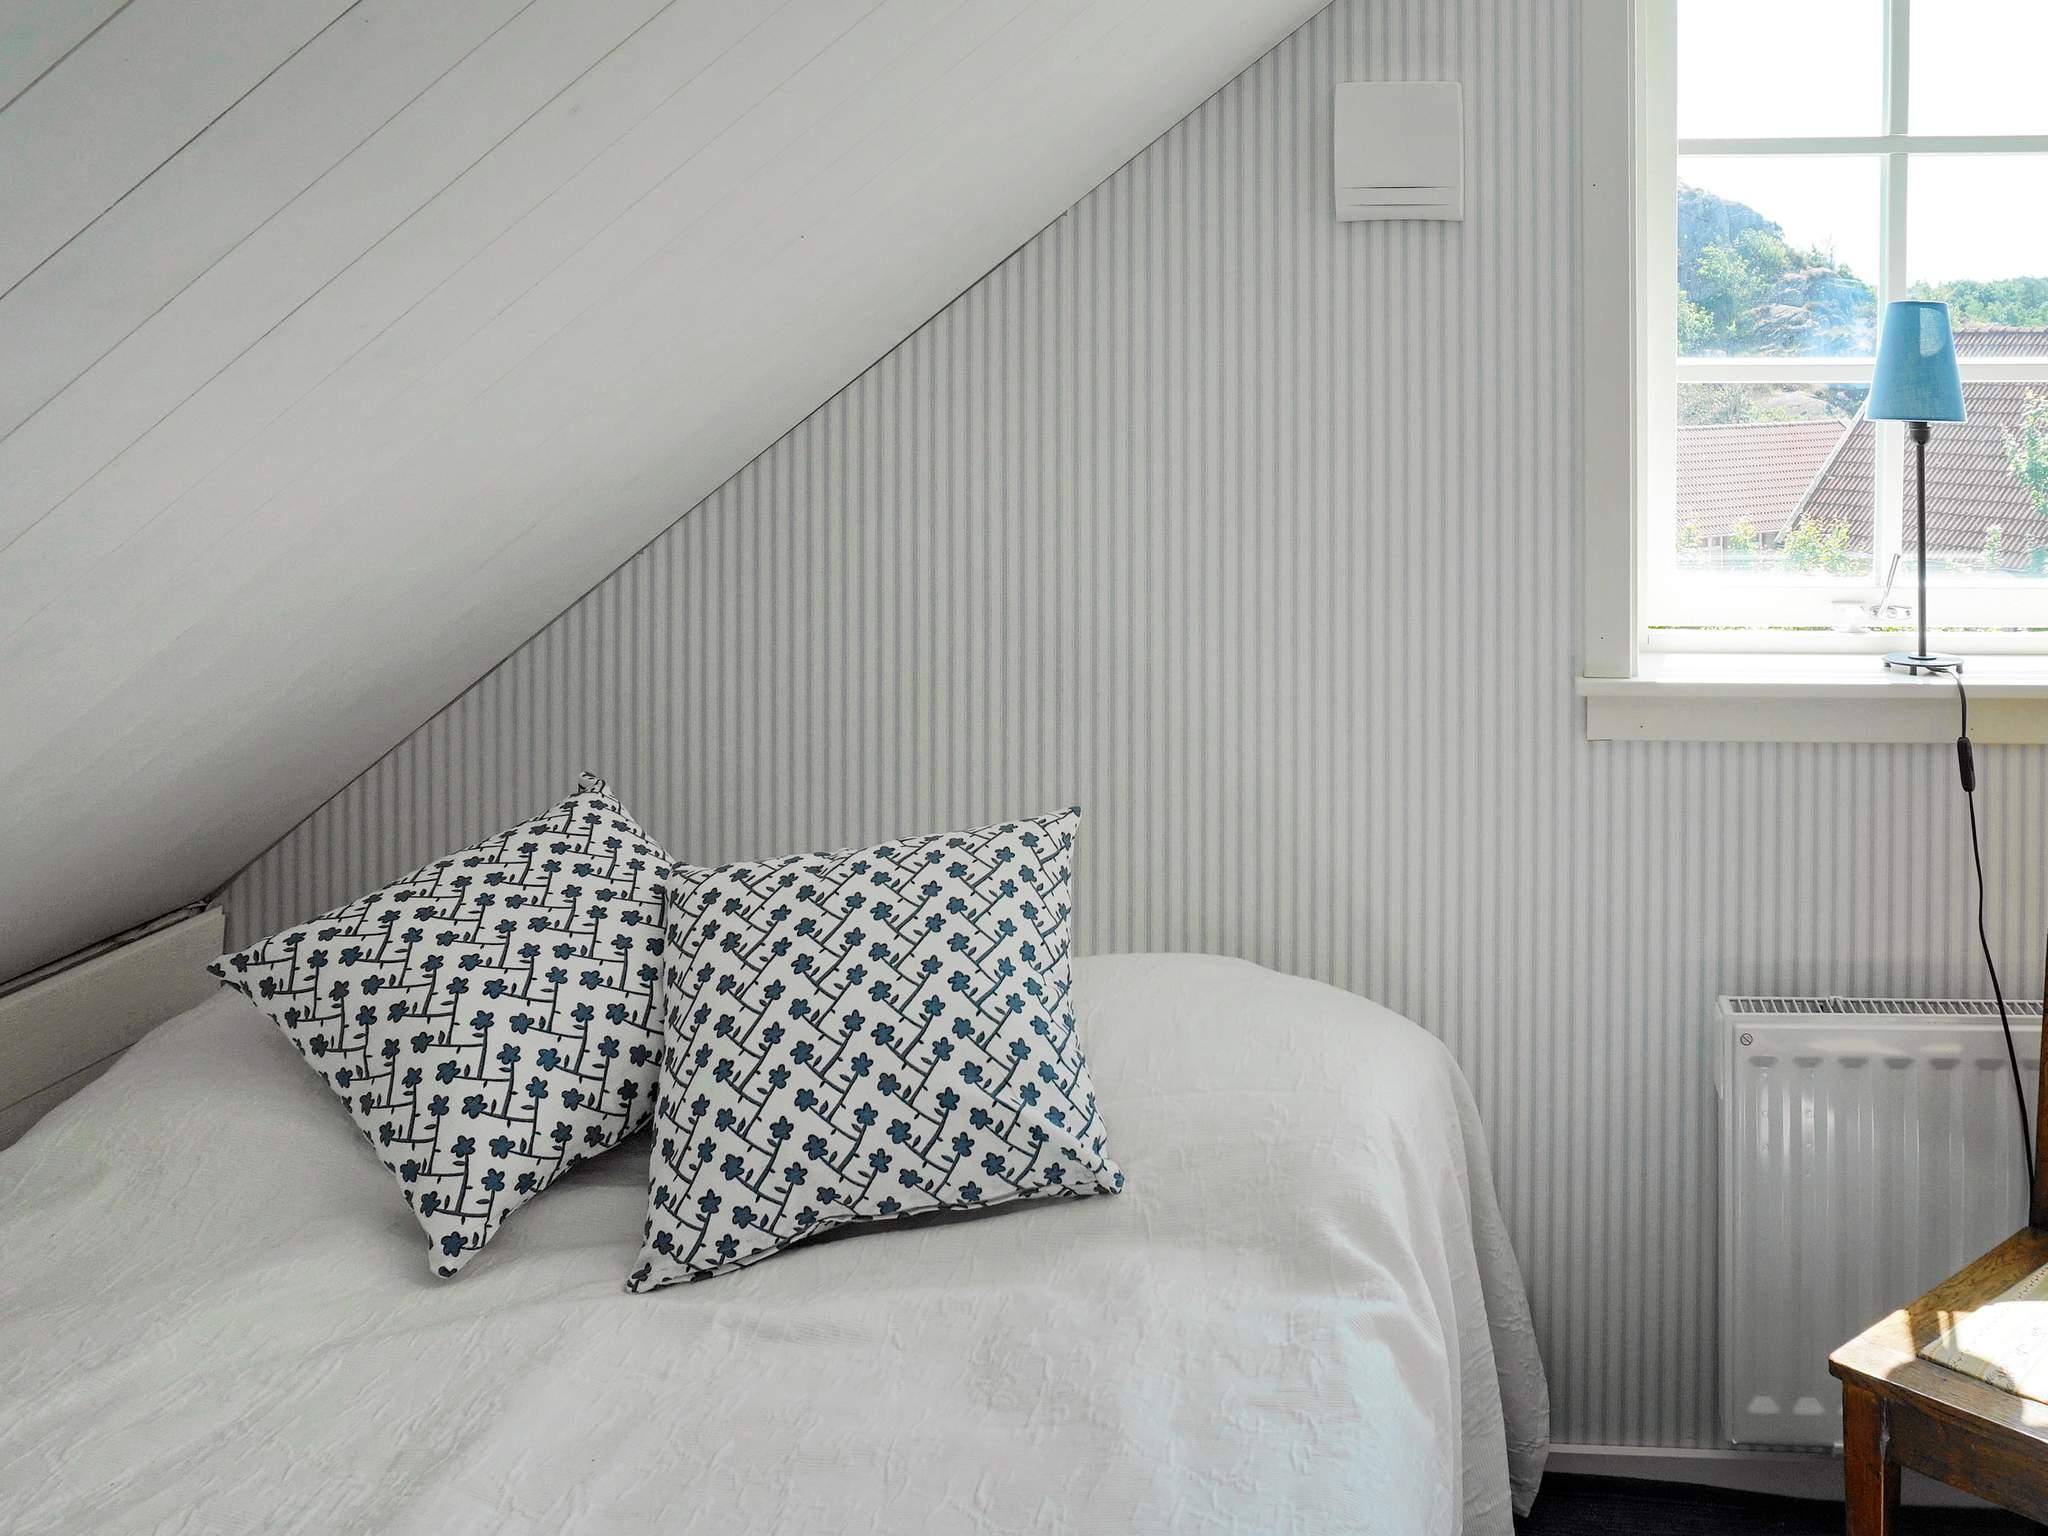 Ferienhaus Tjörn/Klövedal (2383485), Klövedal, Tjörn, Westschweden, Schweden, Bild 9